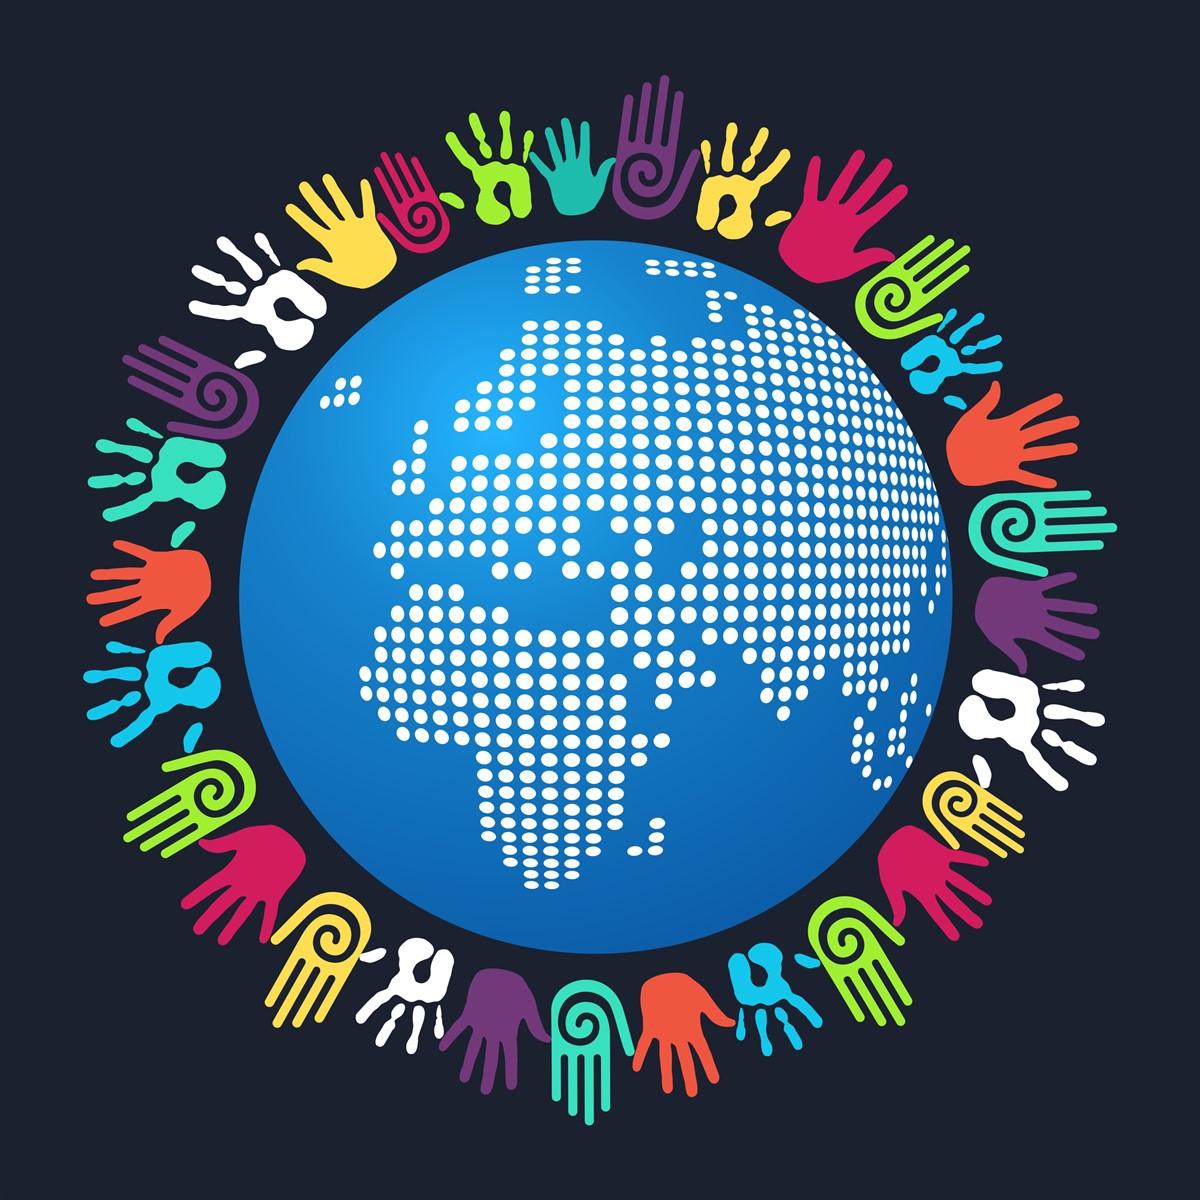 27 febbraio: 7° Congresso mondiale contro la pena di morte